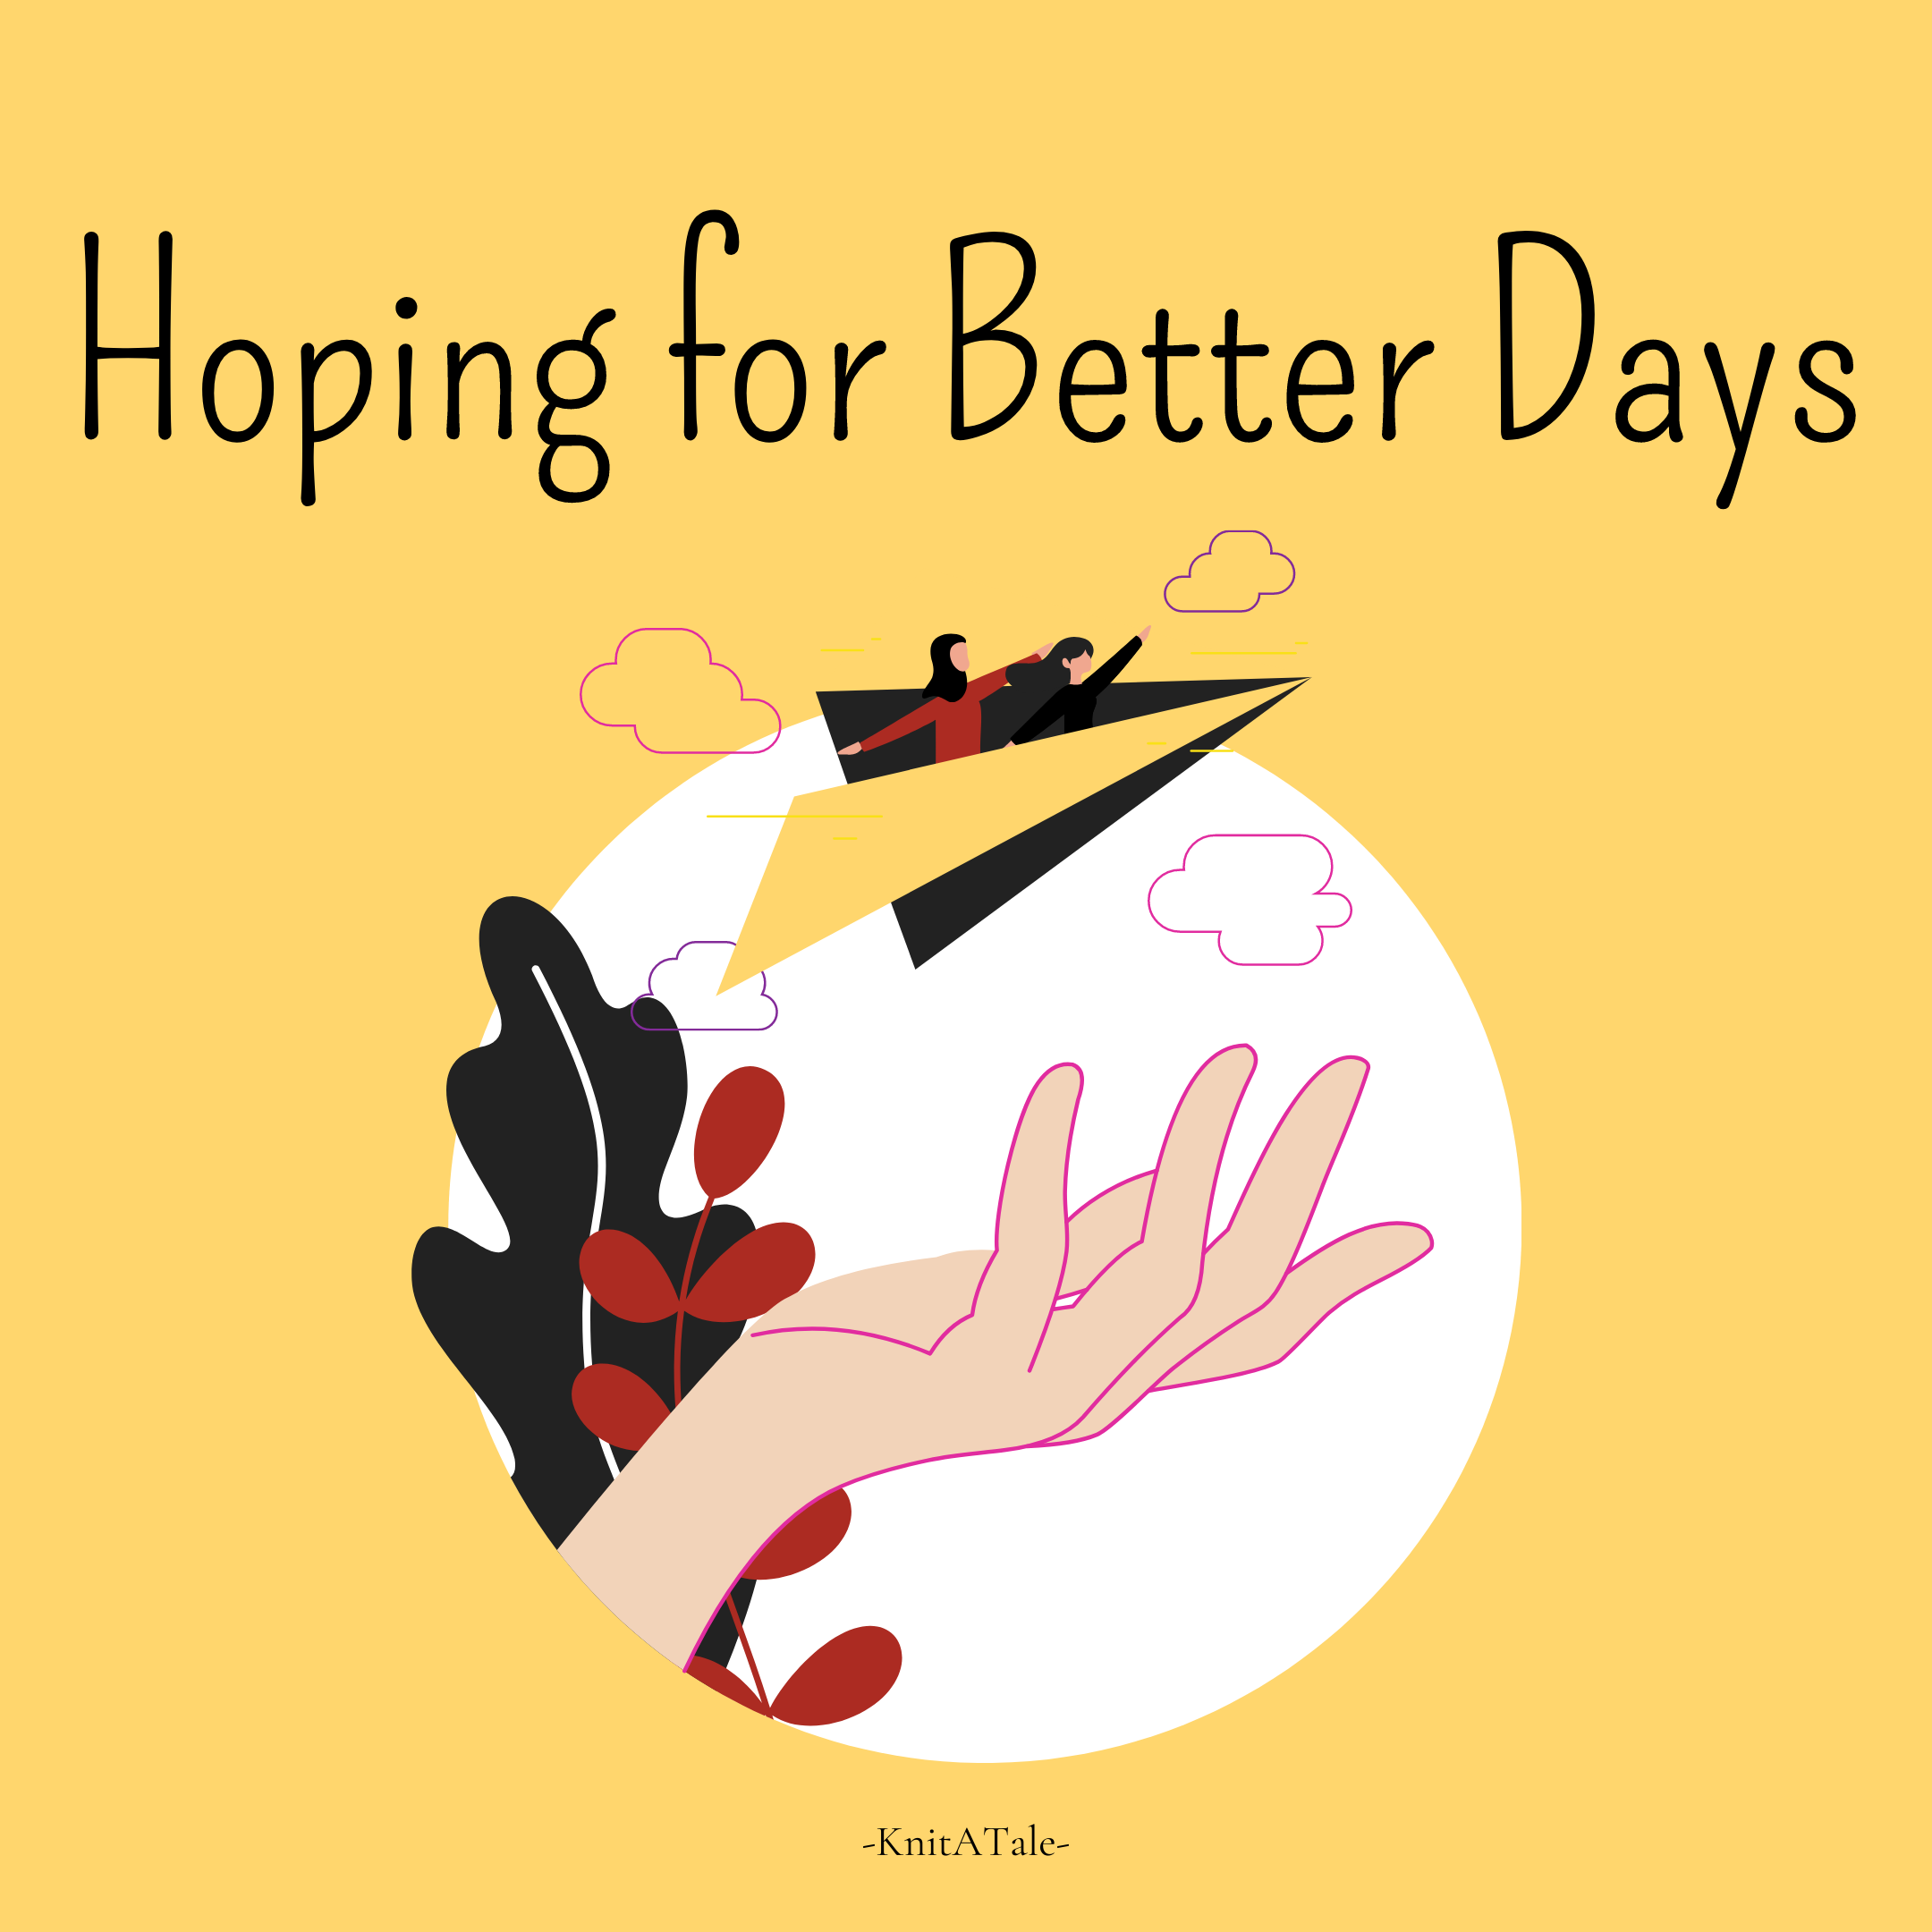 Hoping For Better Days